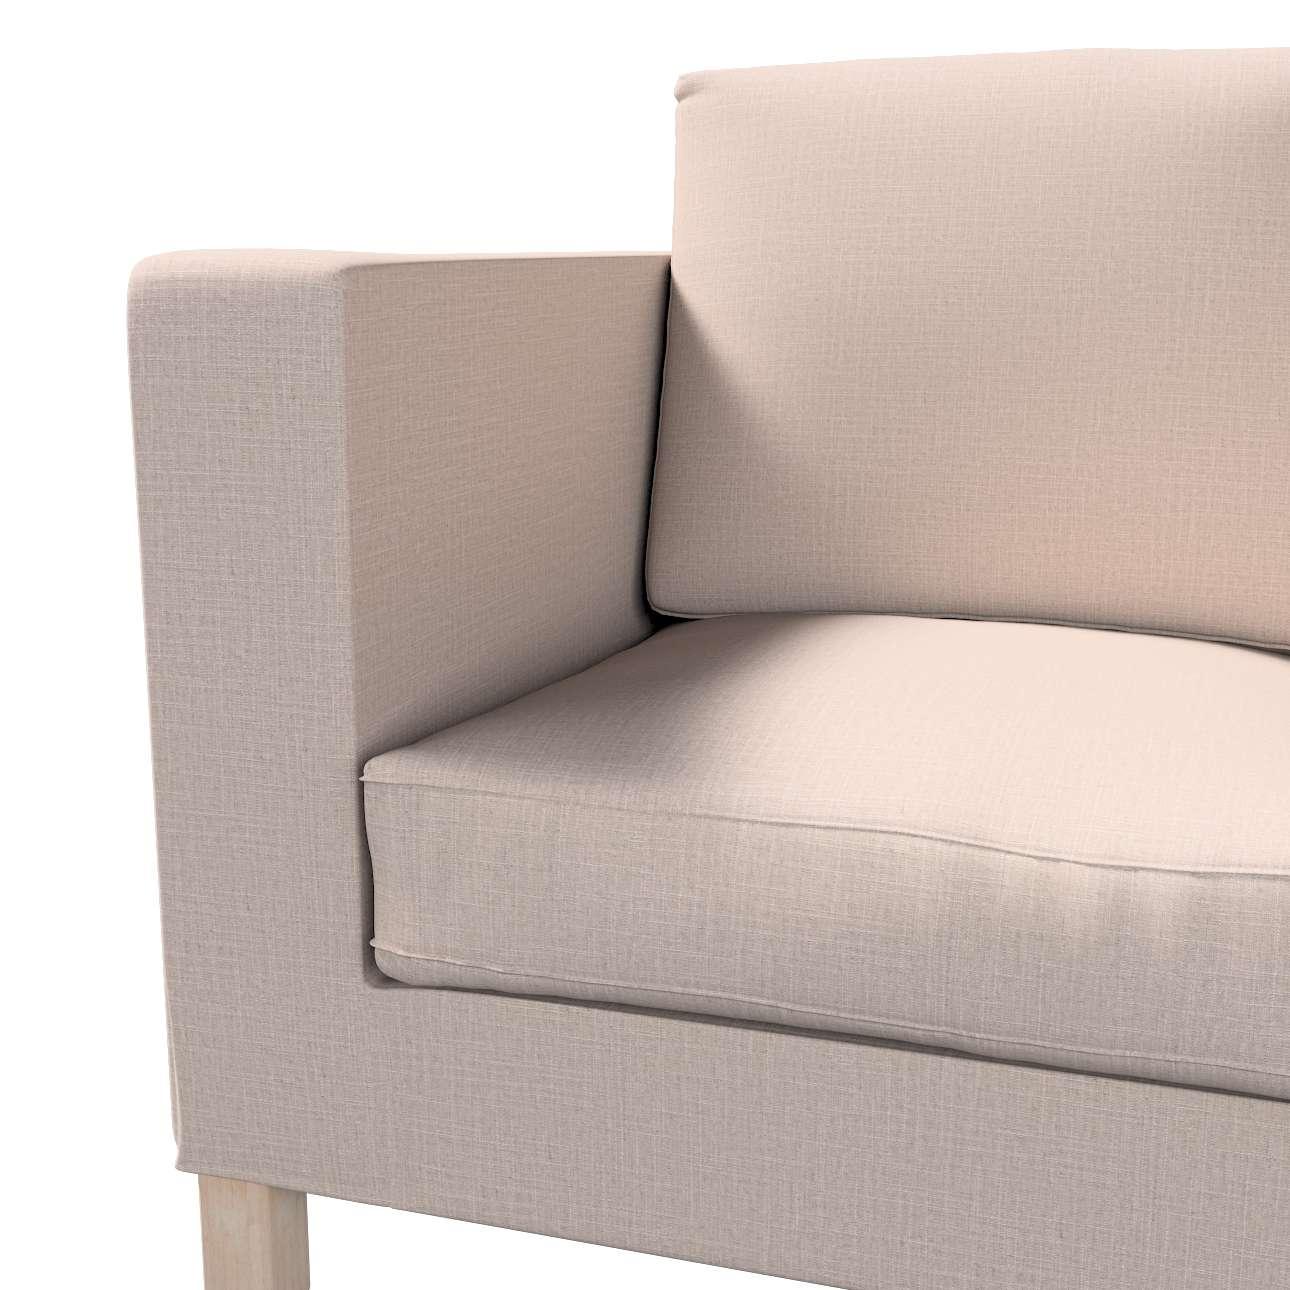 Pokrowiec na sofę Karlanda 2-osobową nierozkładaną, krótki w kolekcji Living, tkanina: 160-85